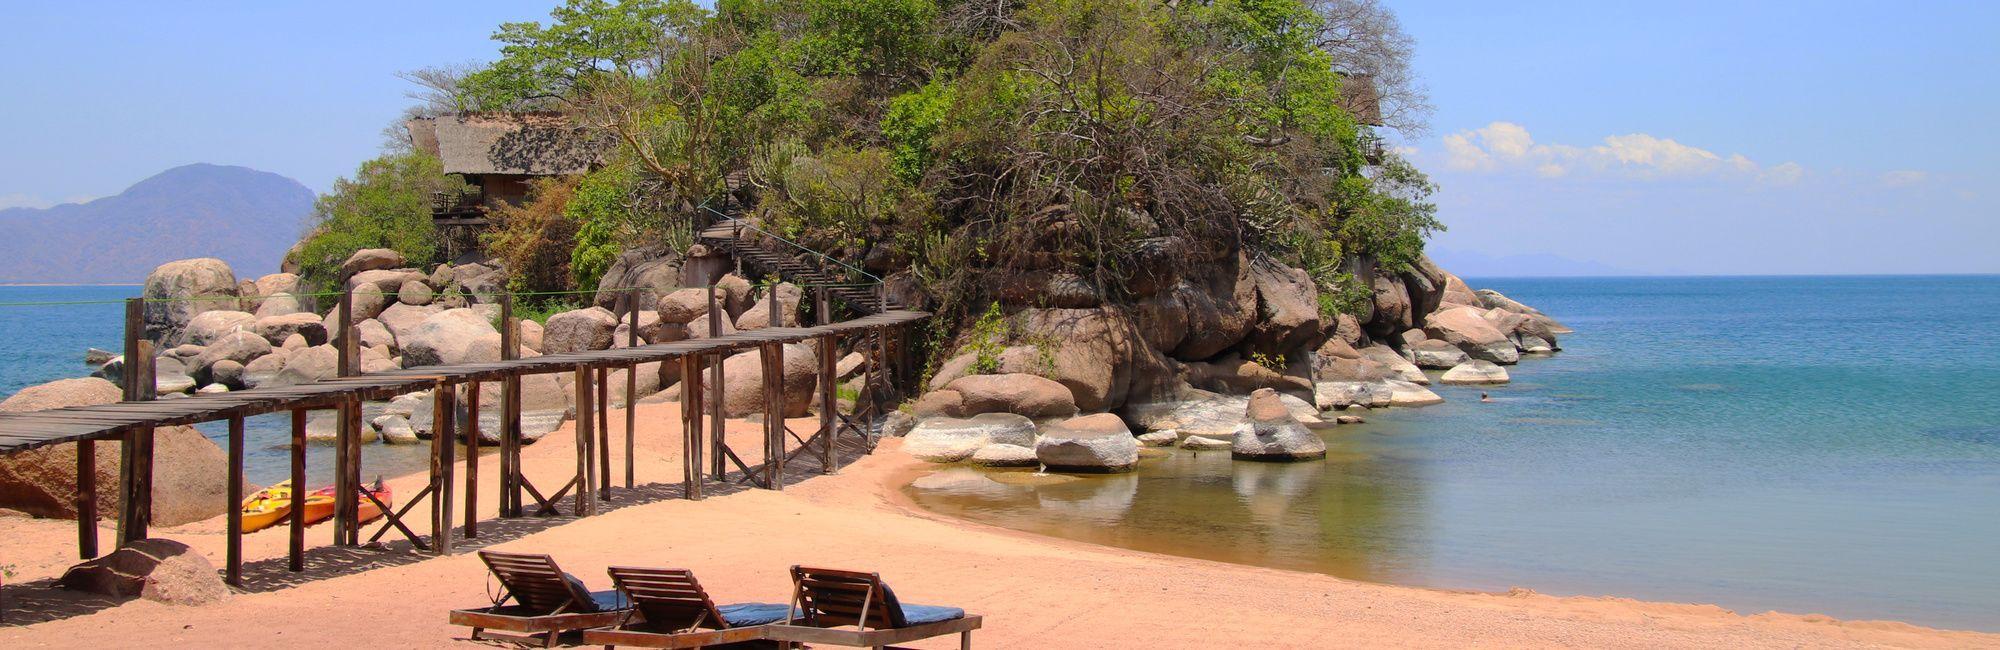 Rondreizen Malawi